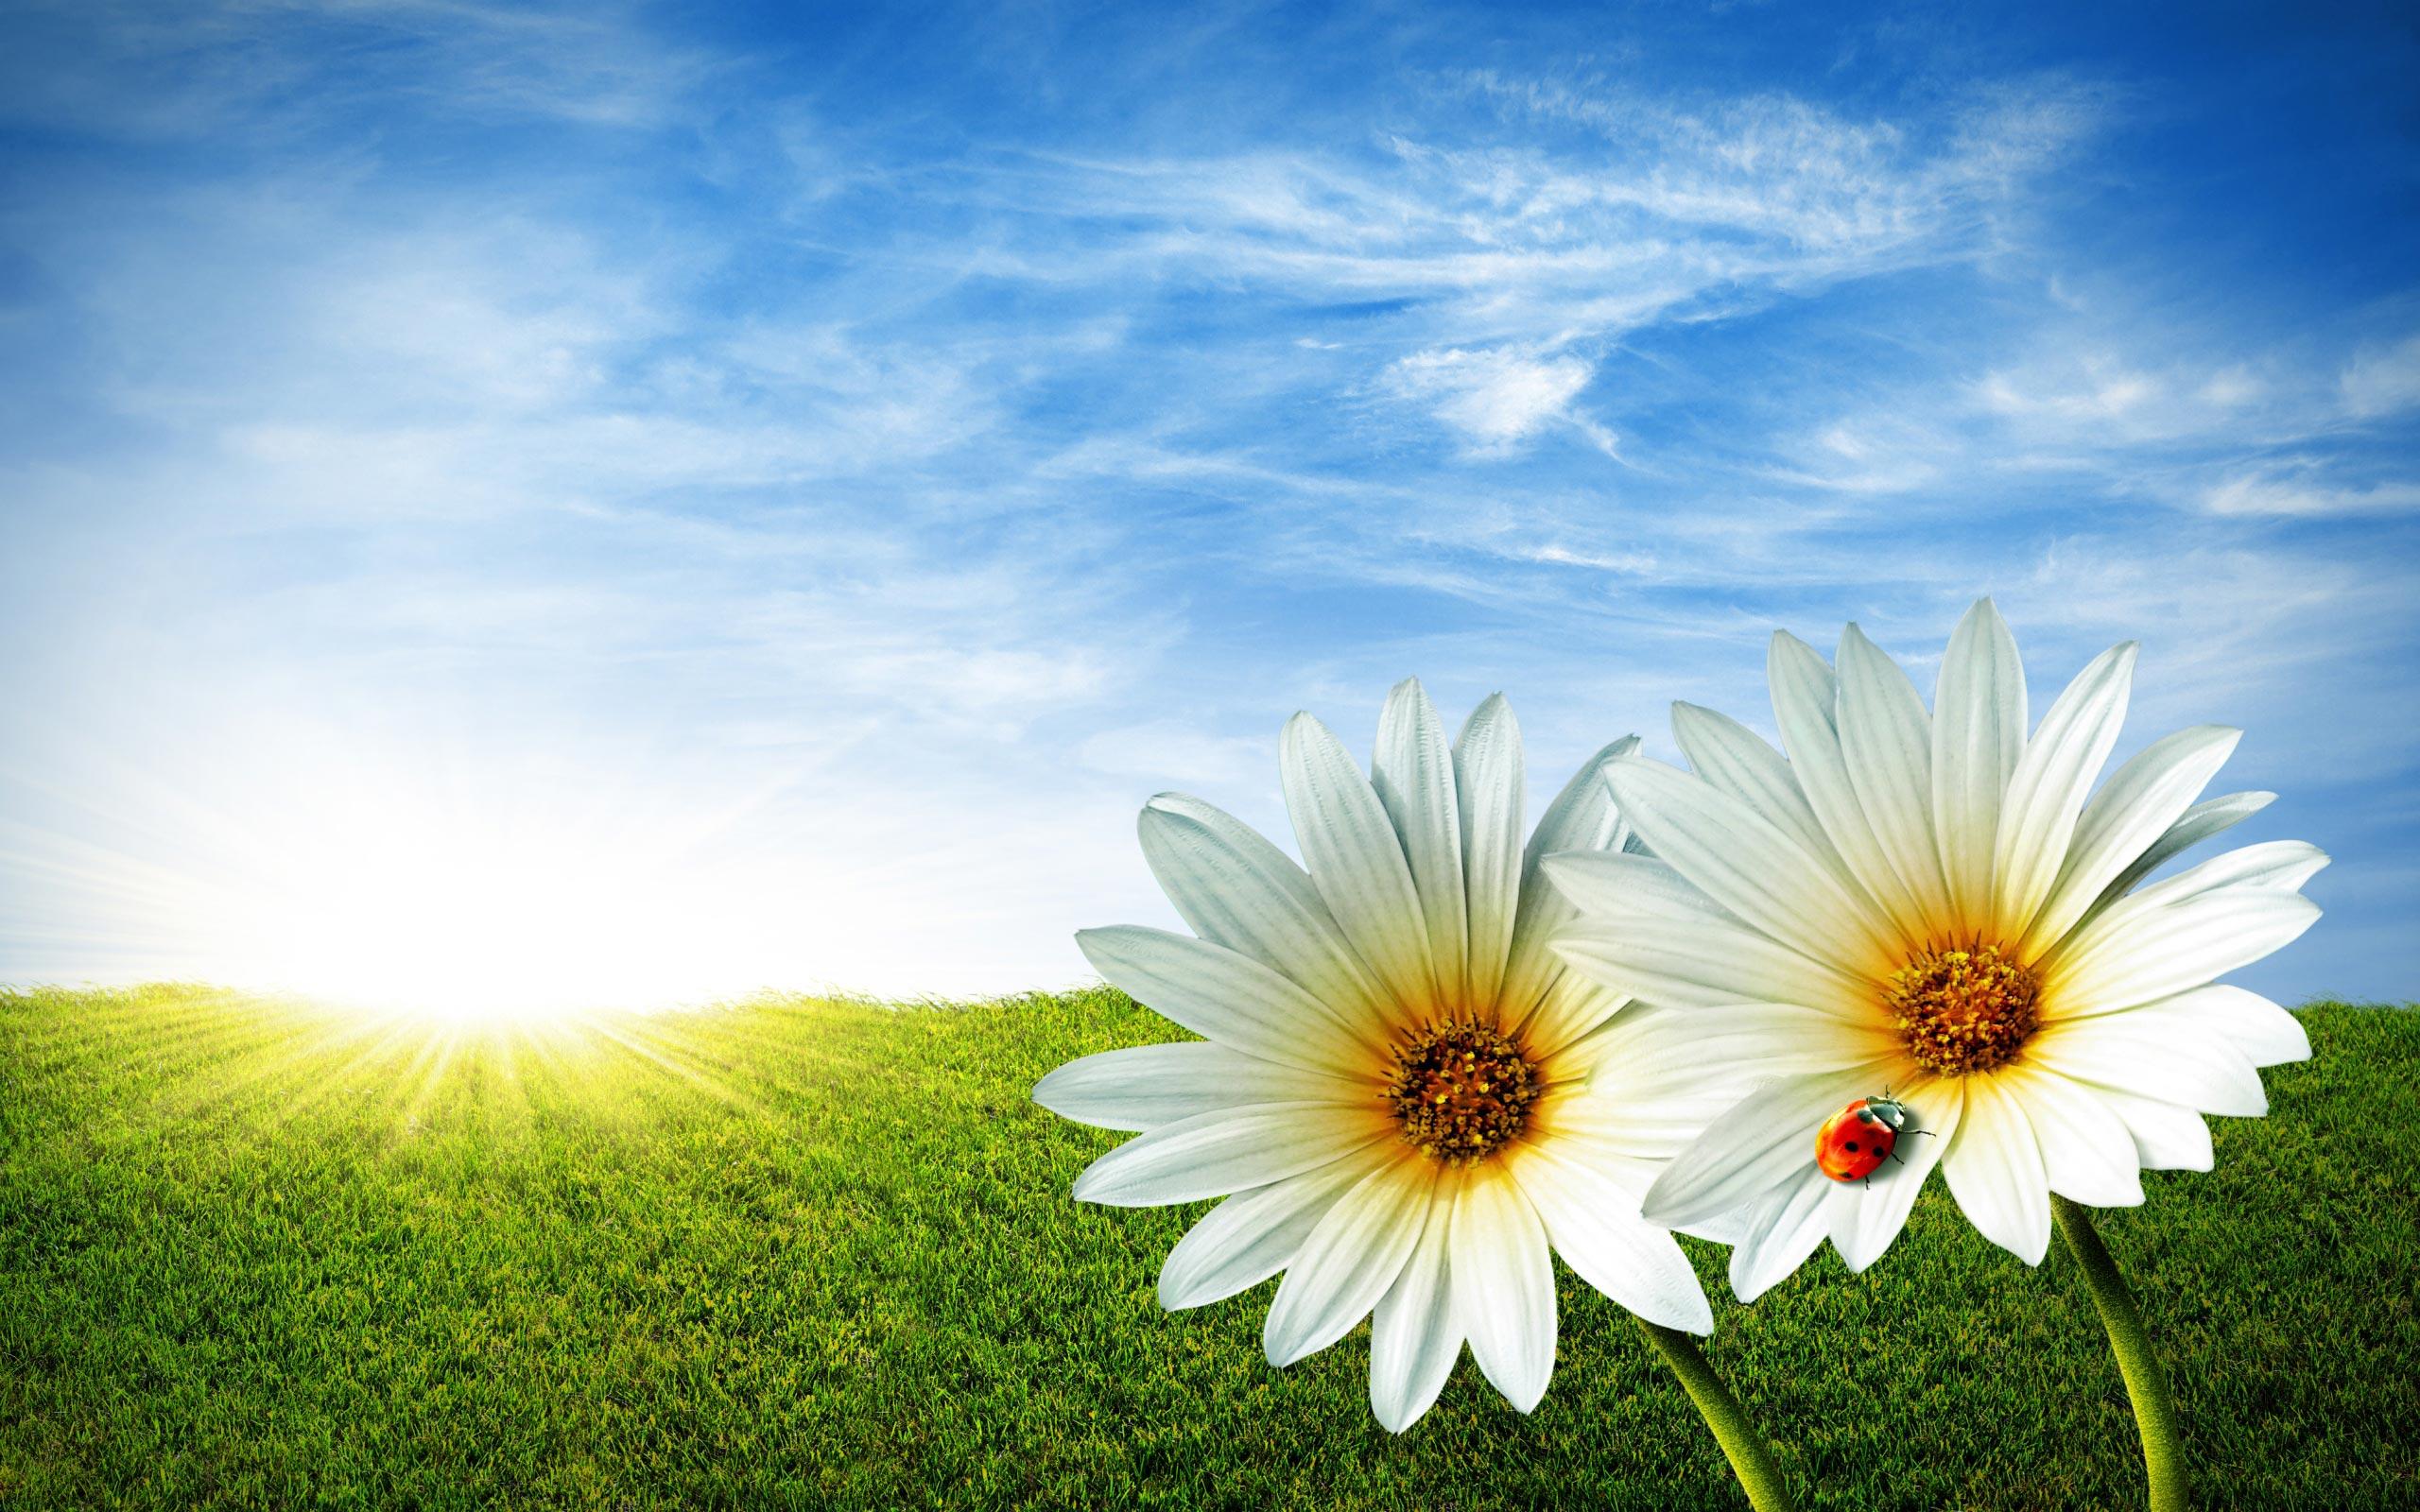 Sfondi primavera hd margherite sfondi hd gratis for Immagini hd gratis